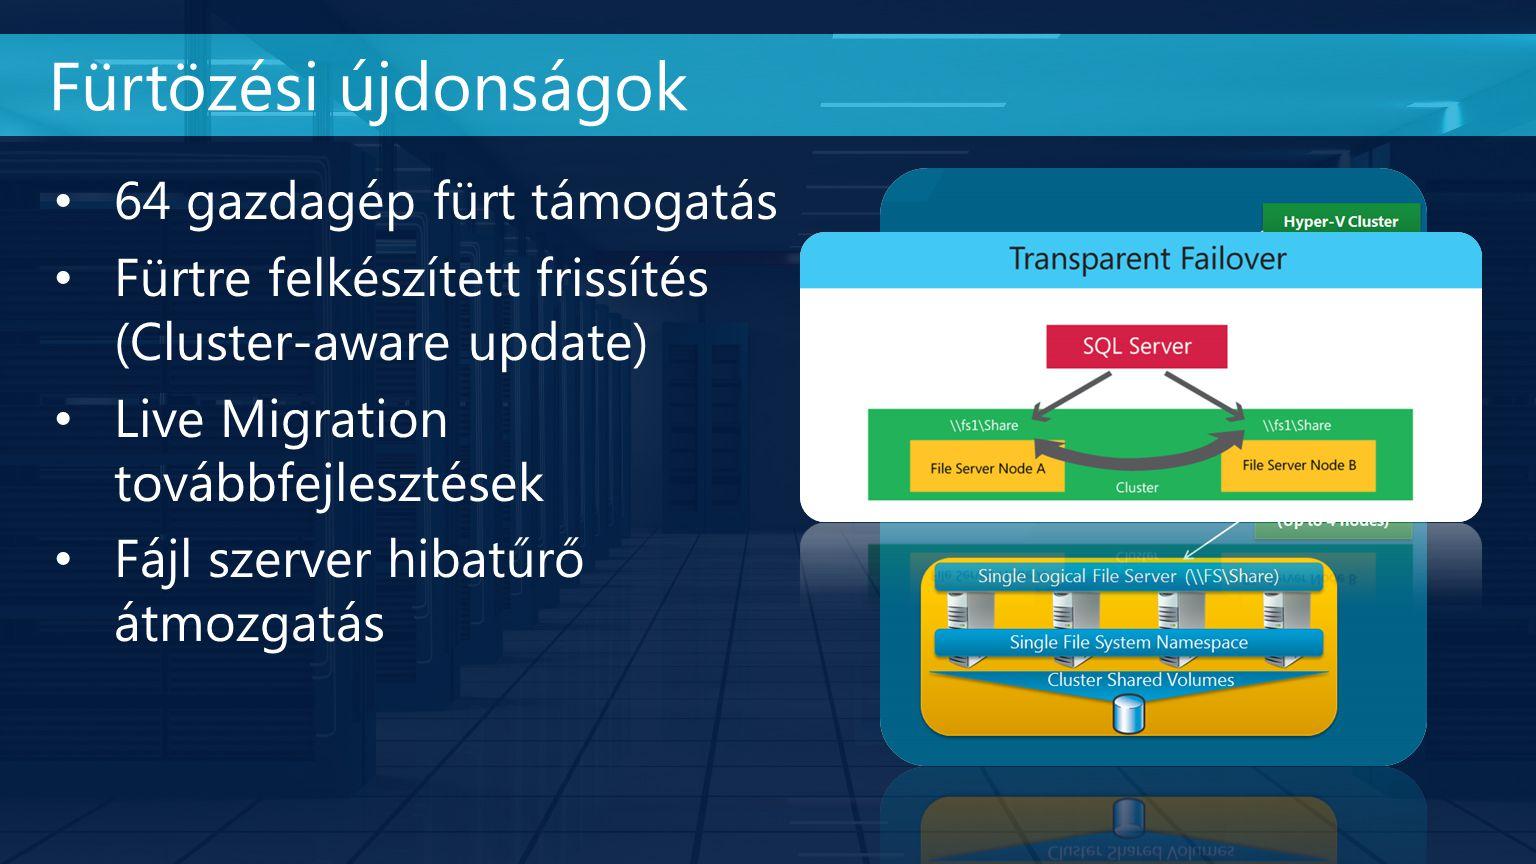 64 gazdagép fürt támogatás Fürtre felkészített frissítés (Cluster-aware update) Live Migration továbbfejlesztések Fájl szerver hibatűrő átmozgatás Fürtözési újdonságok